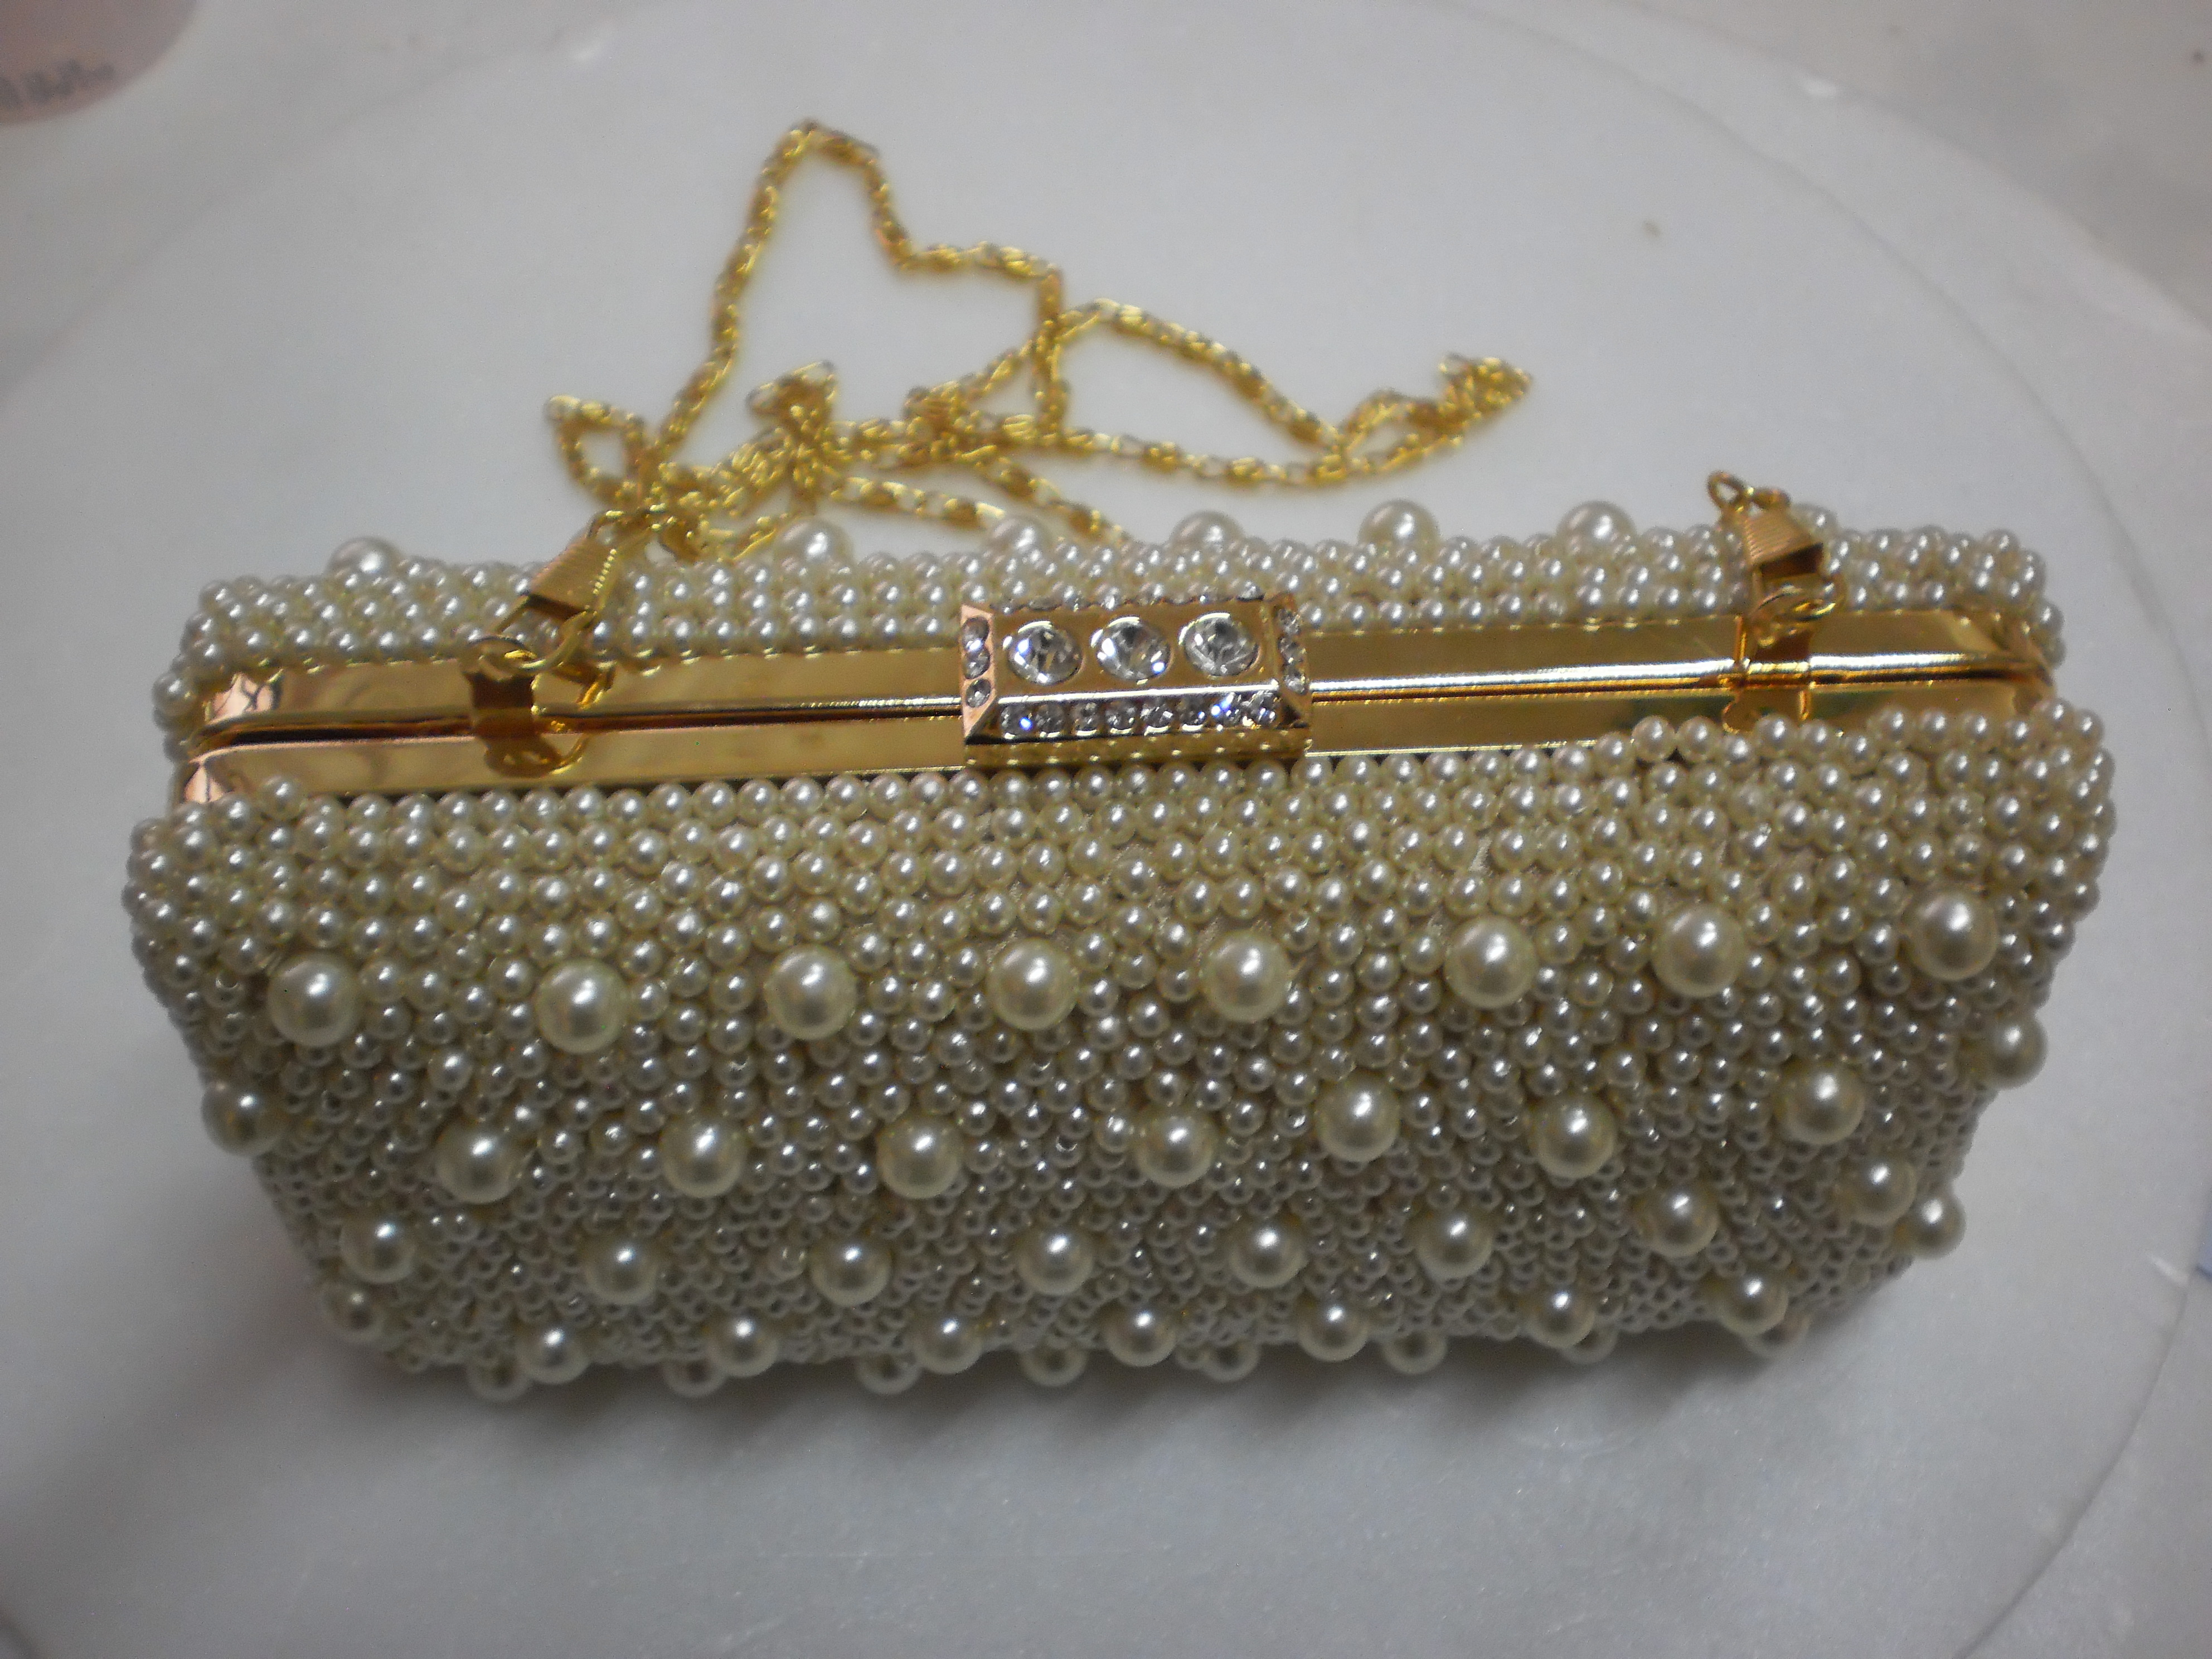 Bolsa De Festa Tipo Carteira : Bolsa ou carteira para festa eventos